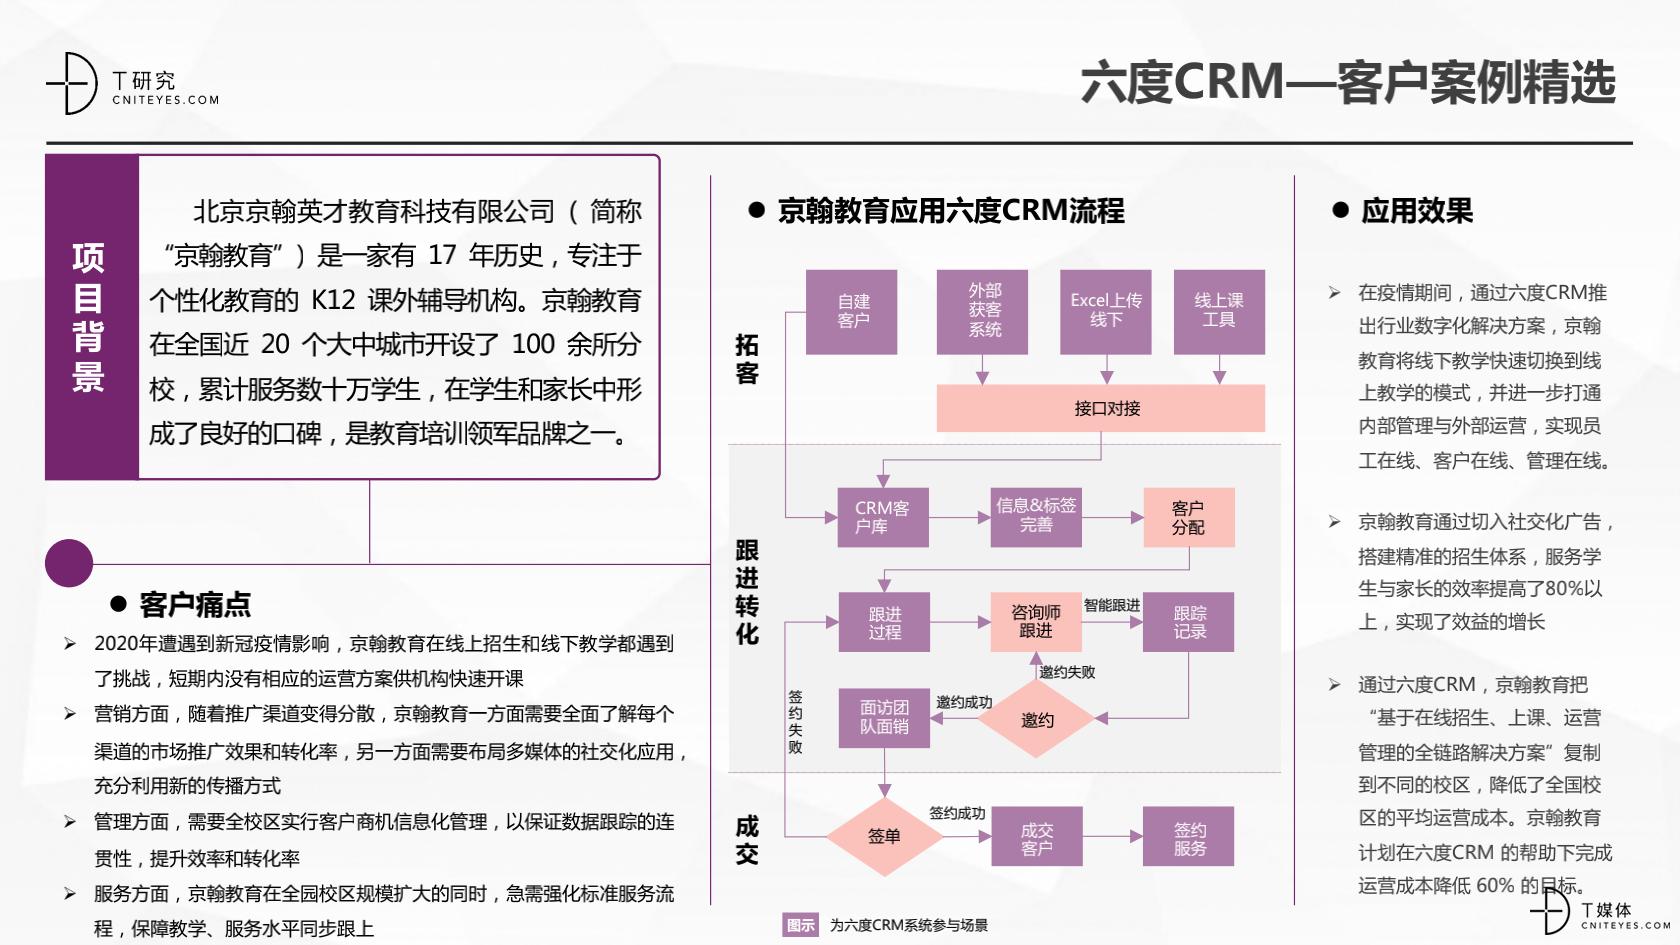 2_2020中国CRM指数测评报告v1.5_30.png